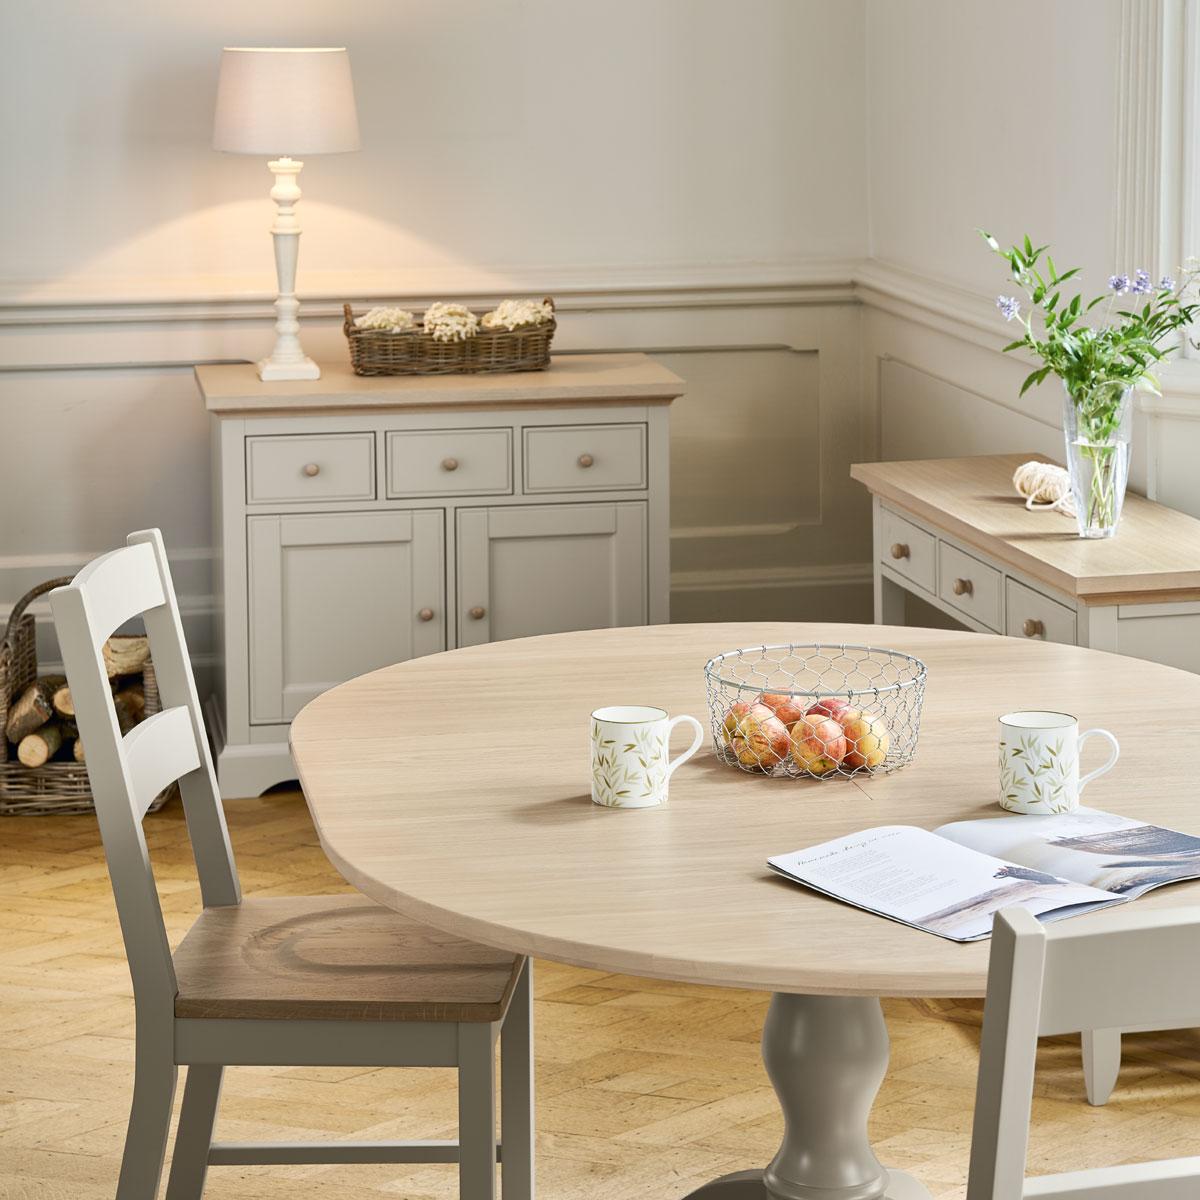 Tienda online de muebles para el sal n comprar muebles - Muebles laura ashley ...